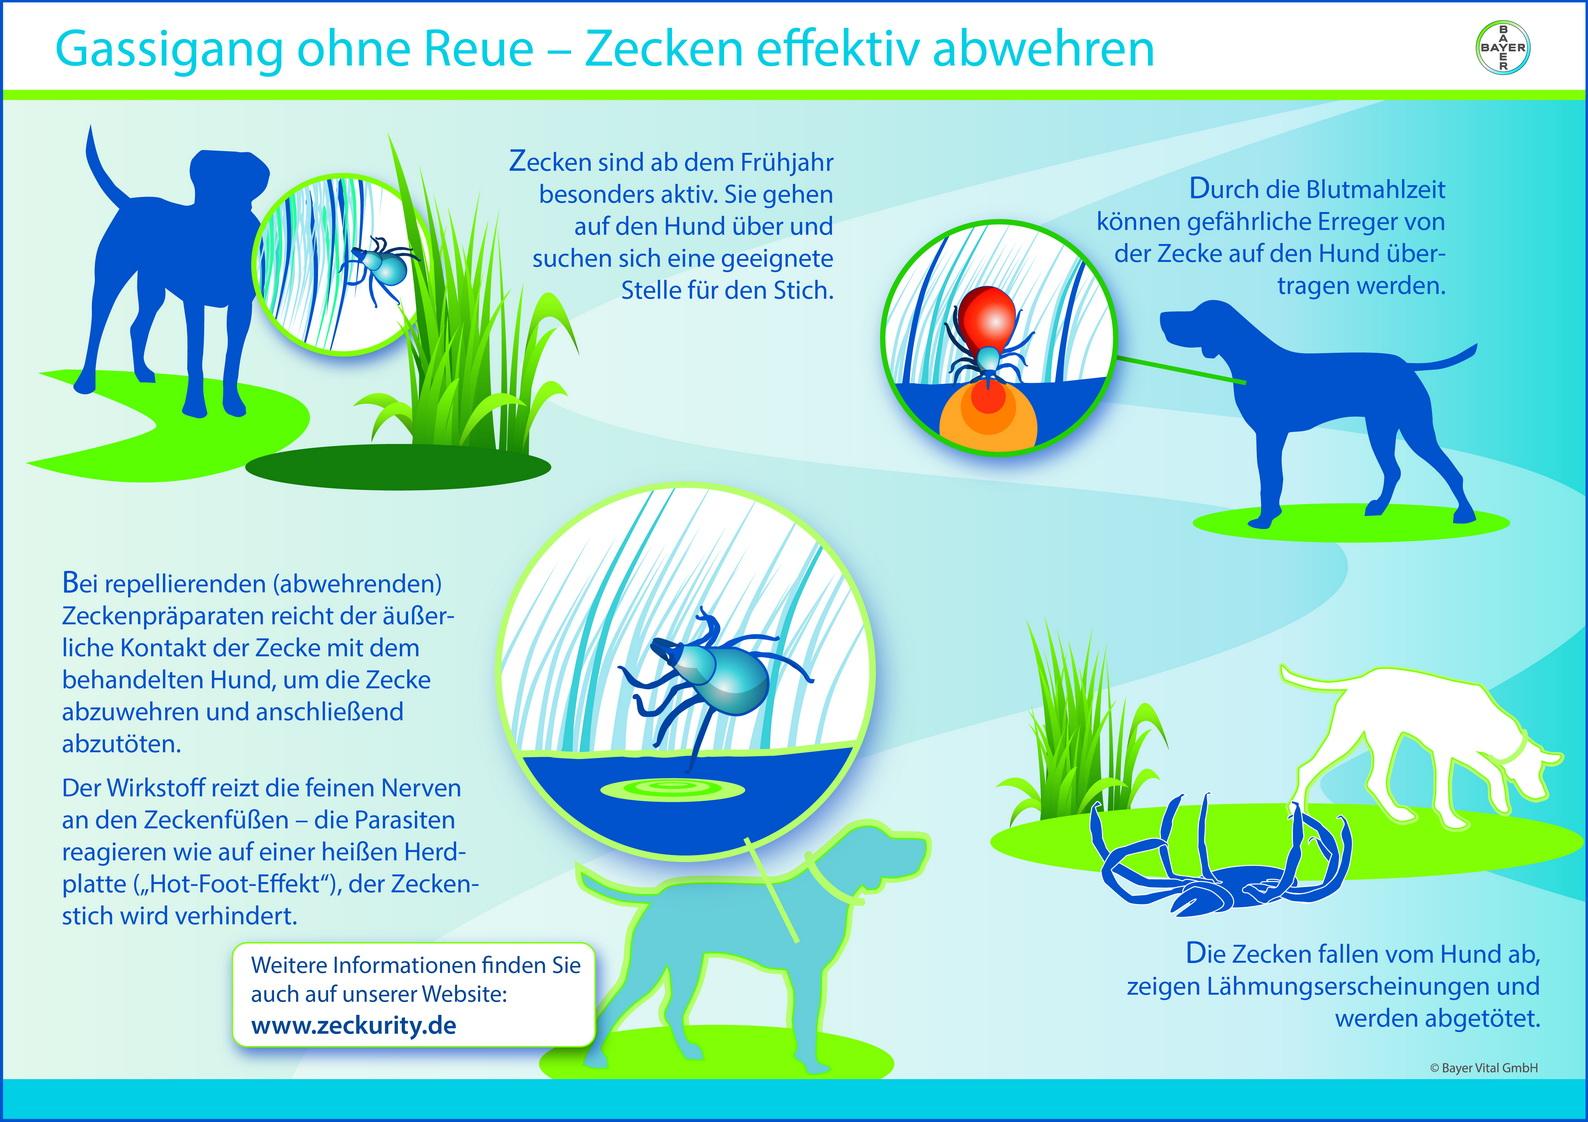 Infografik: Bayer Vital GmbH, Leverkusen